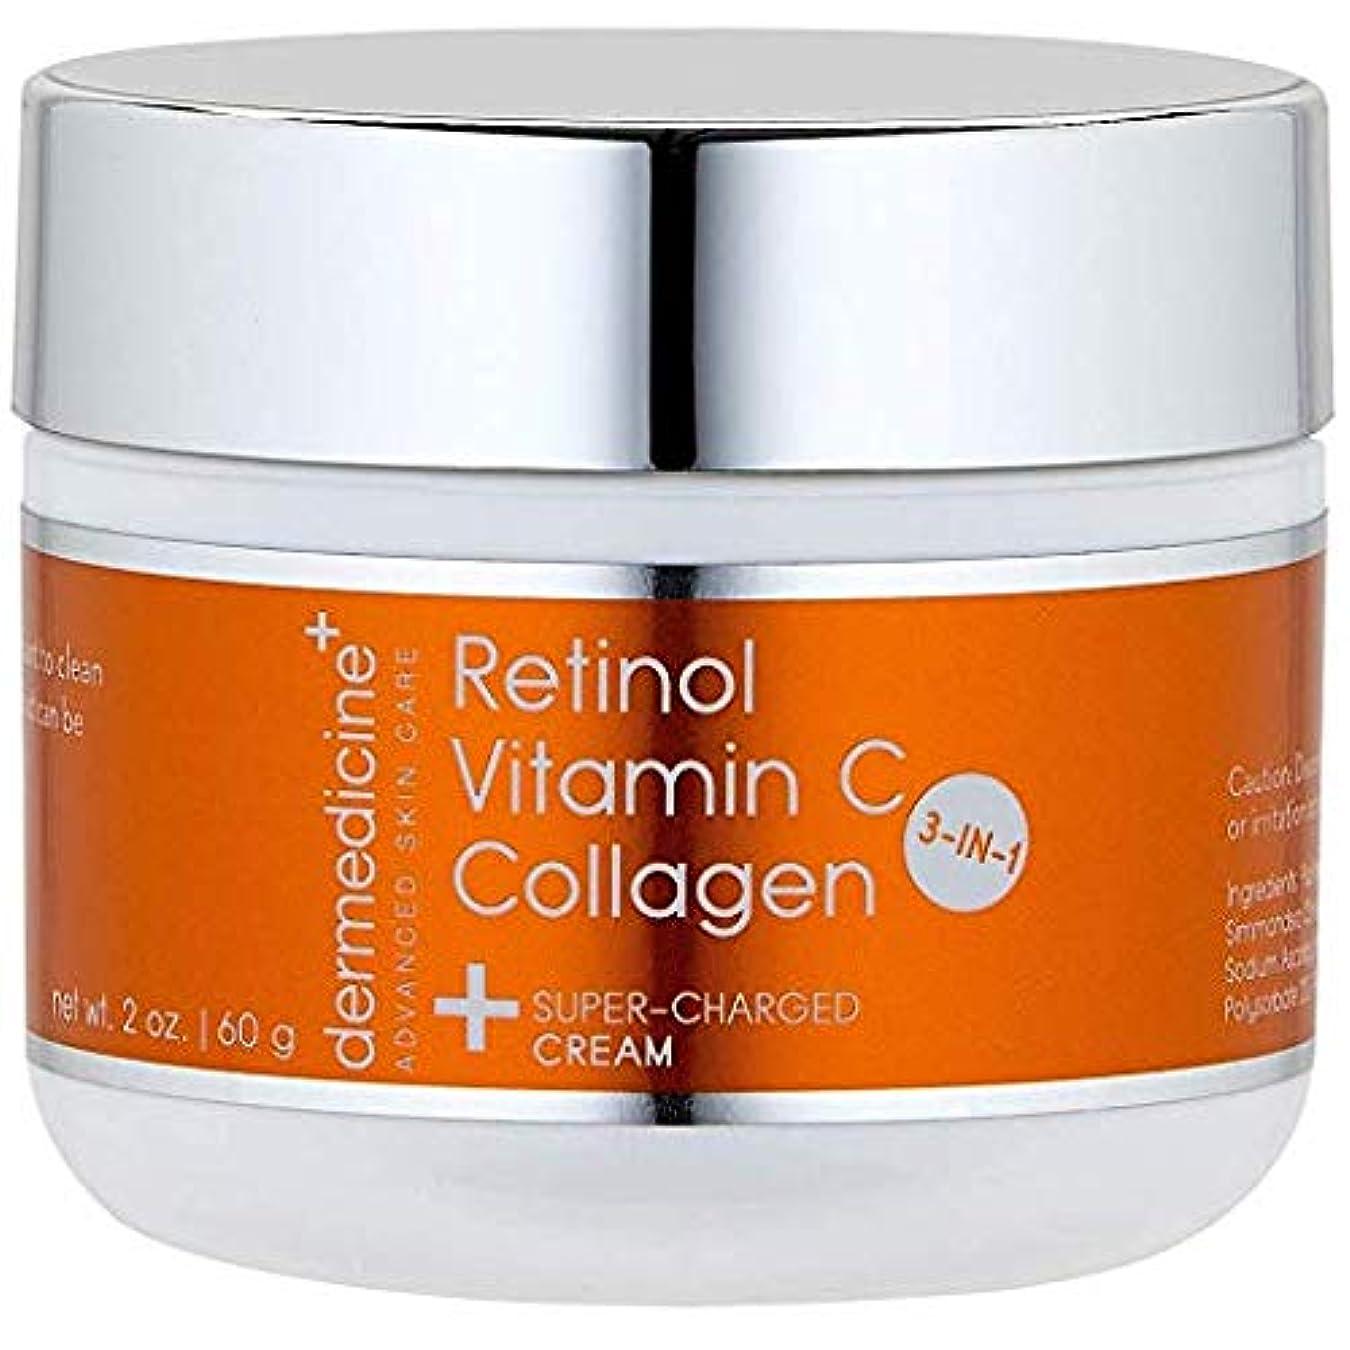 データ頂点見捨てられたプレミアム エイジングケアクリーム【3IN1】 コラーゲン+レチノール+ビタミンC配合 60g シミ取り&シワ取り ほうれい線を取り、顔のリフトアップも(若々しい弾力のある肌へ)